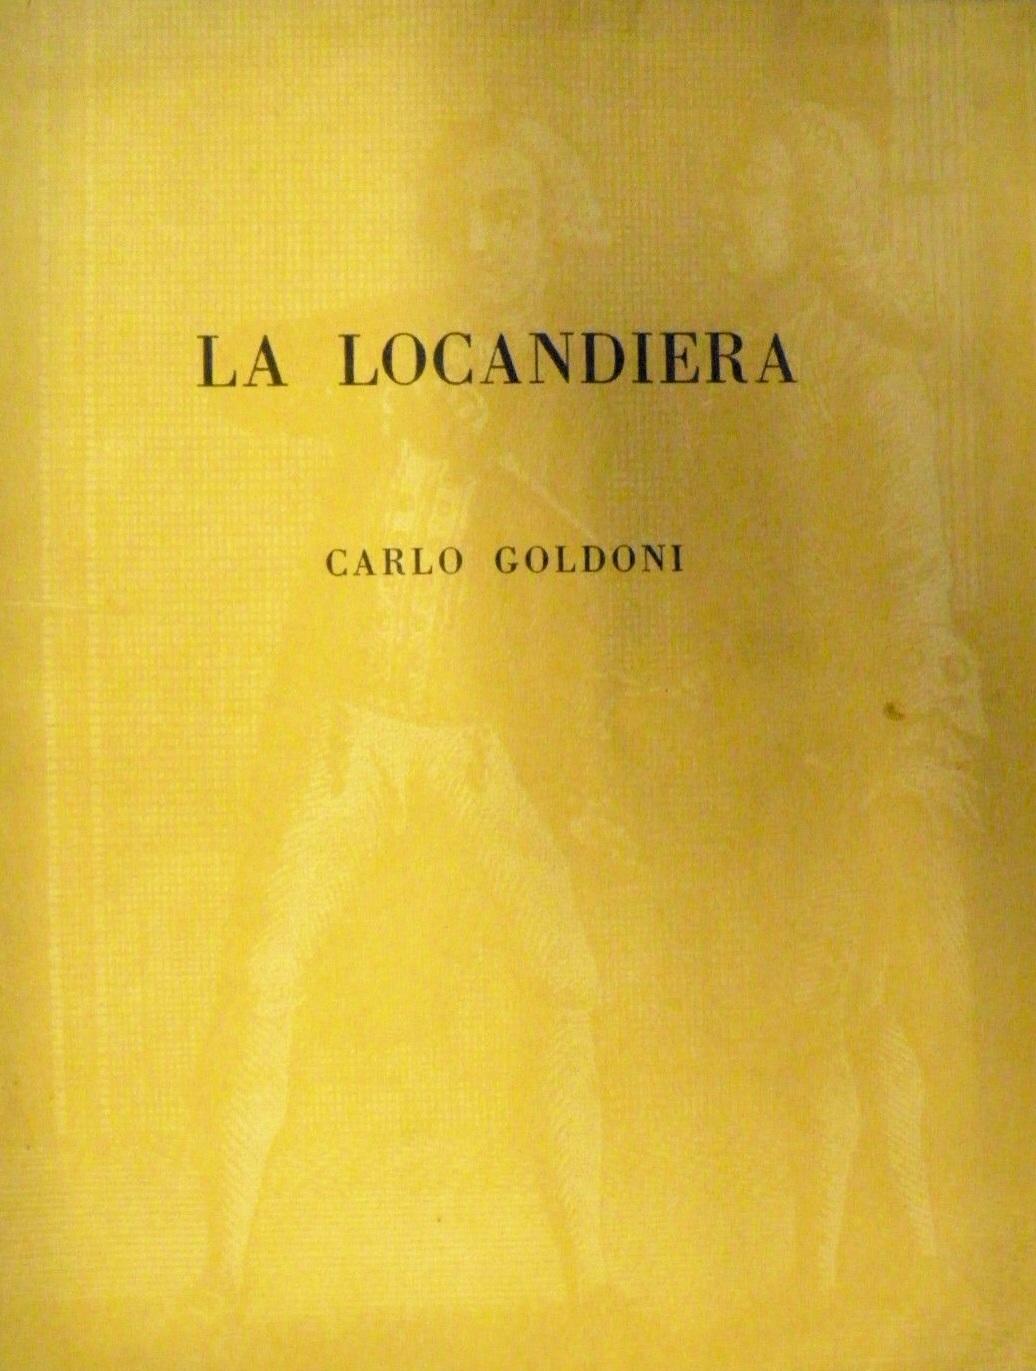 La locandiera (La femme adroite)